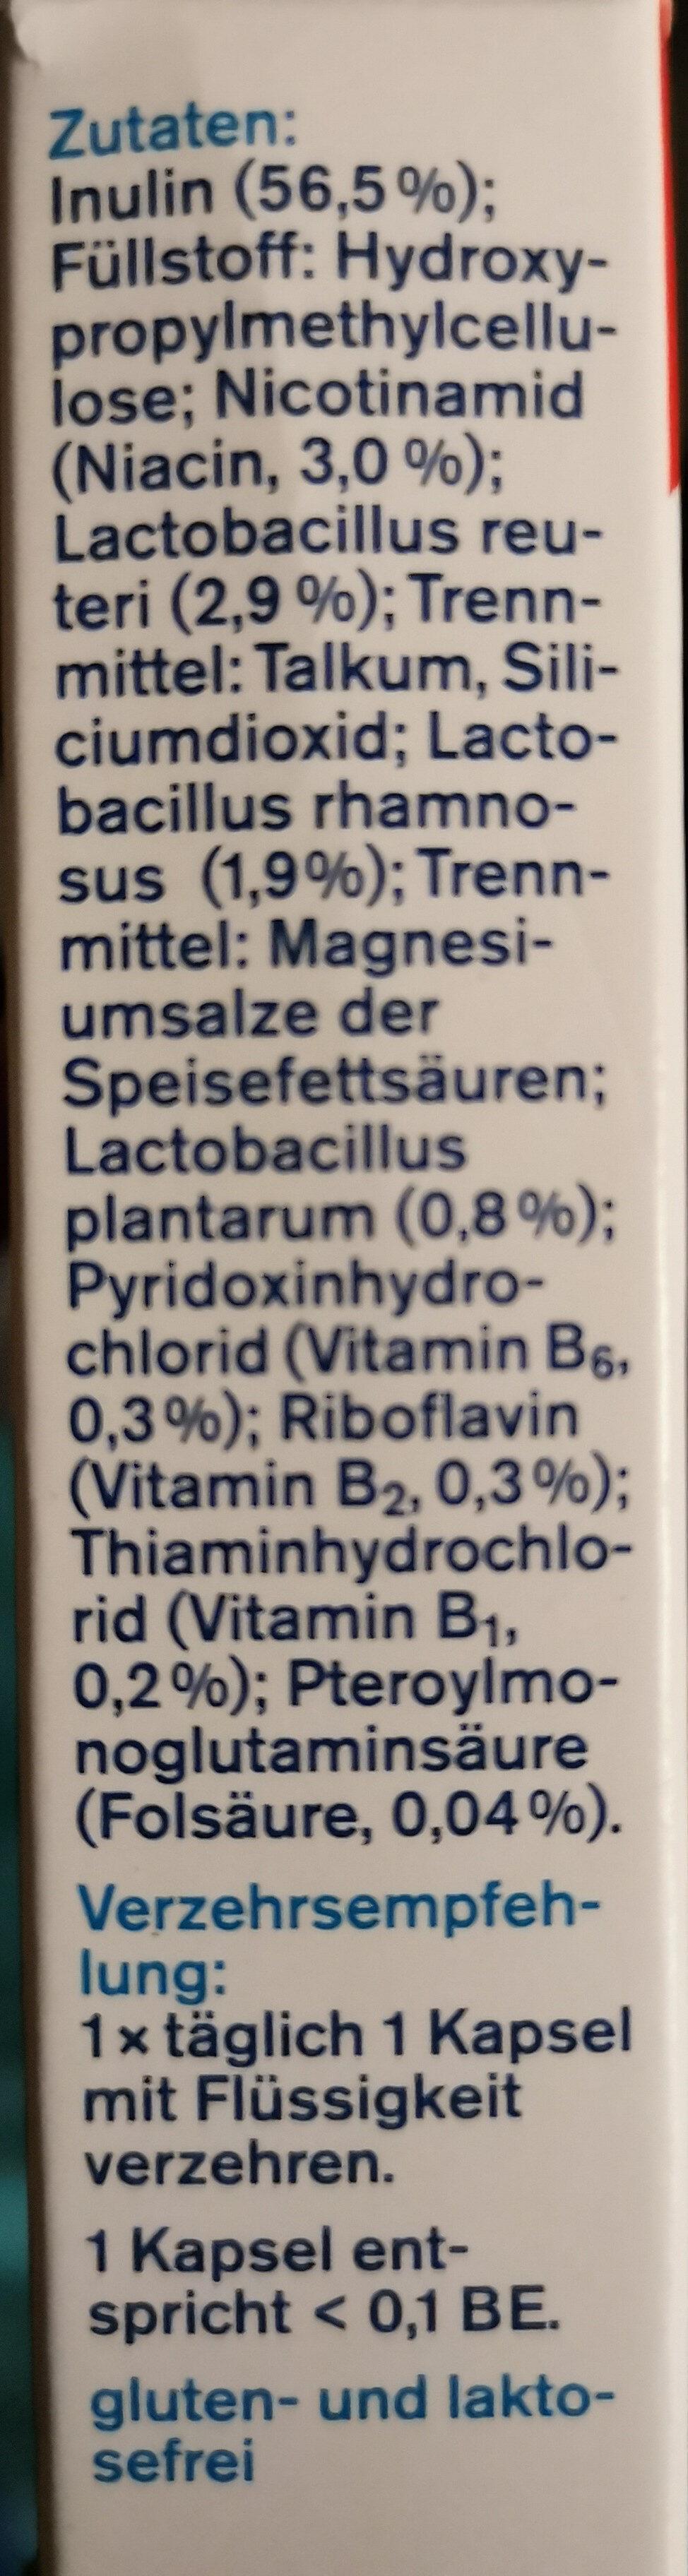 Proflora Darm Aktiv-Kulturen Kapseln – 6 Mrd. Milchsäurebakterien - Ingredients